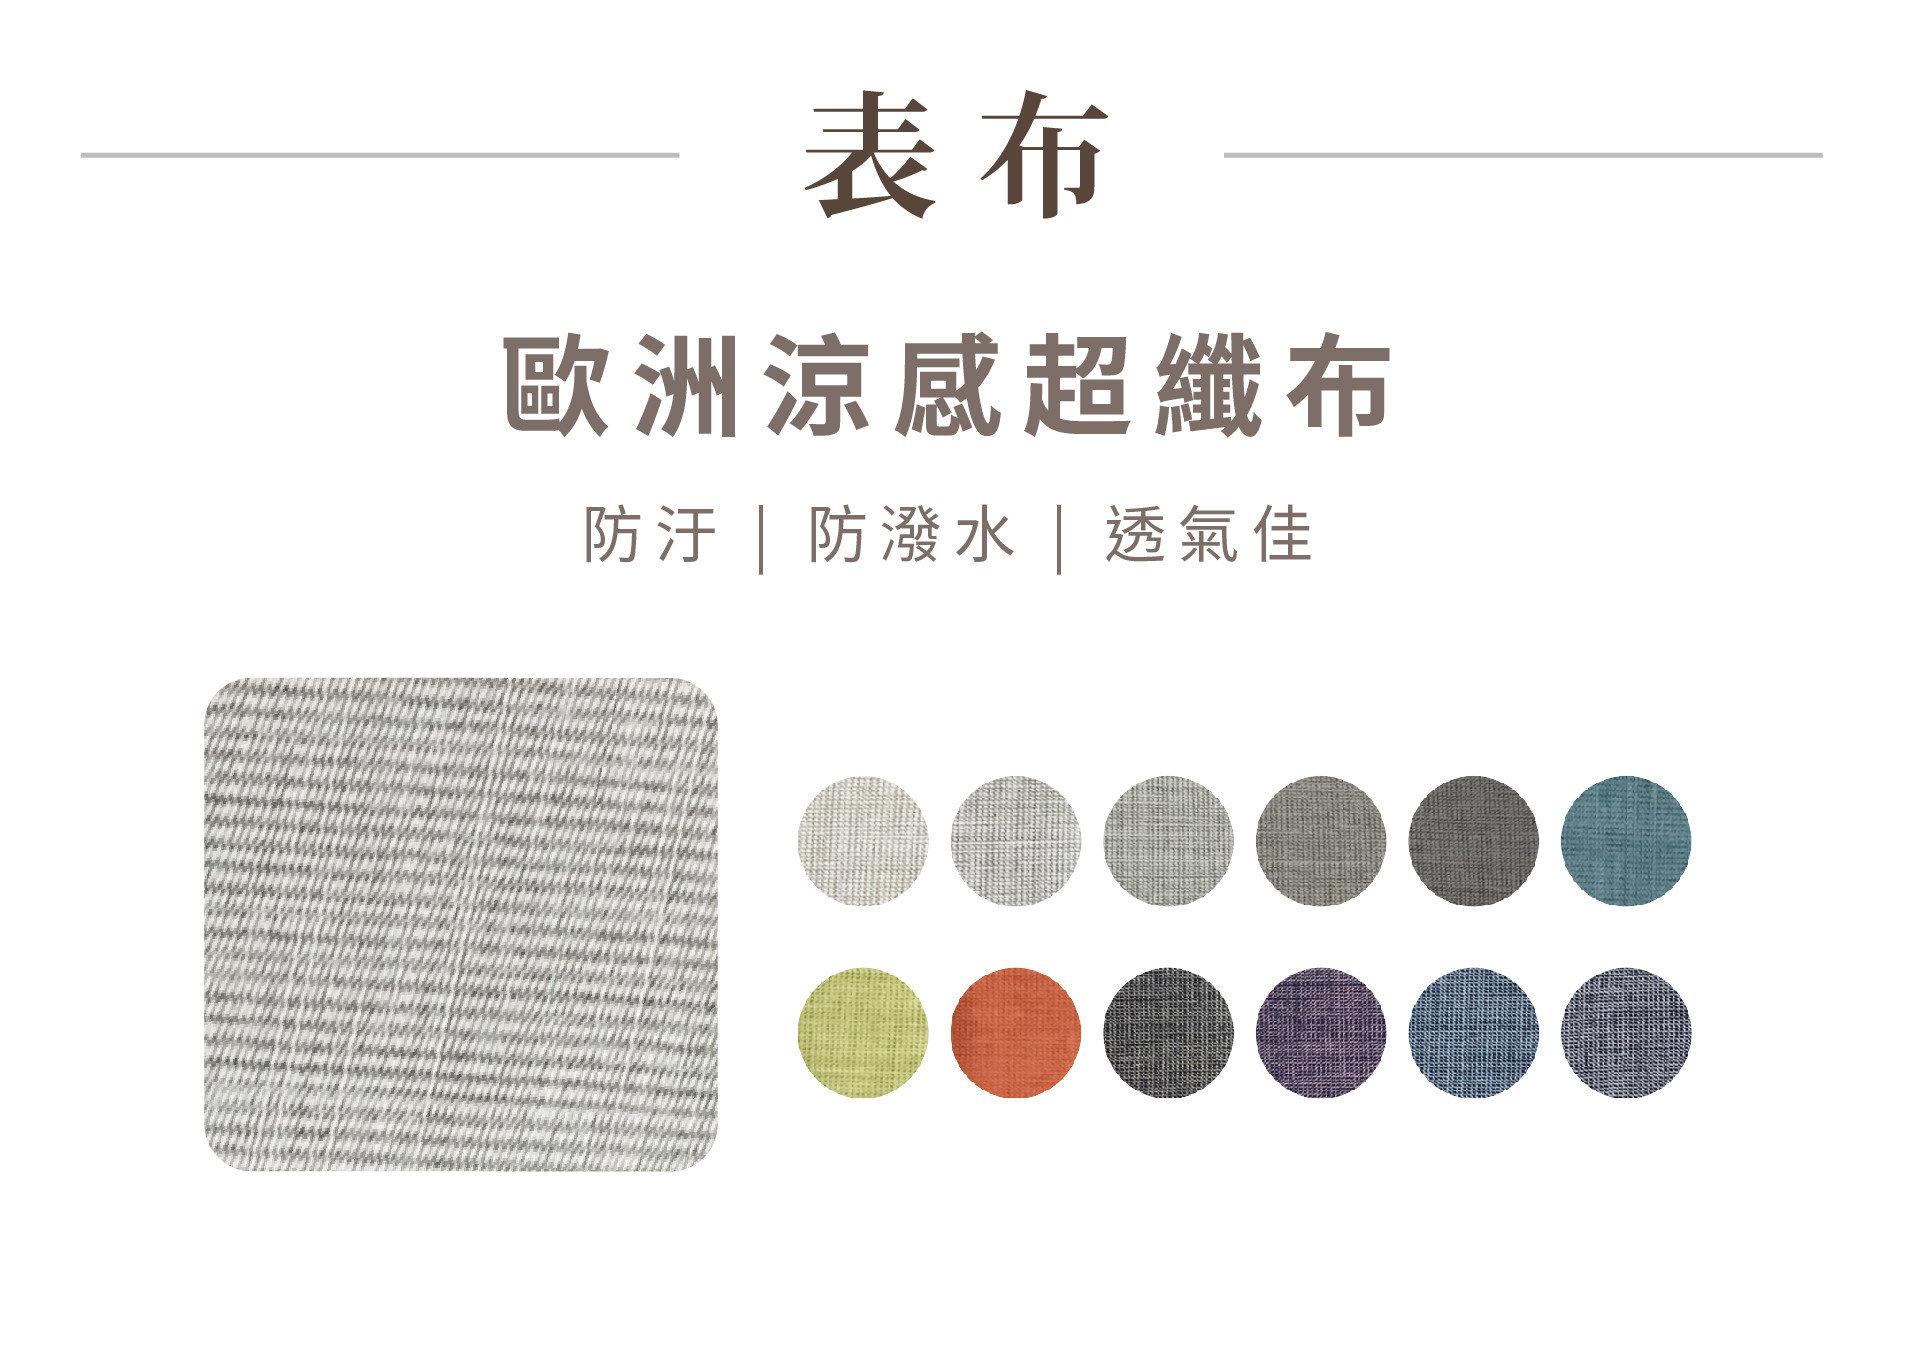 席琳沙發布料採歐洲涼感纖維布,透氣舒適坐得住